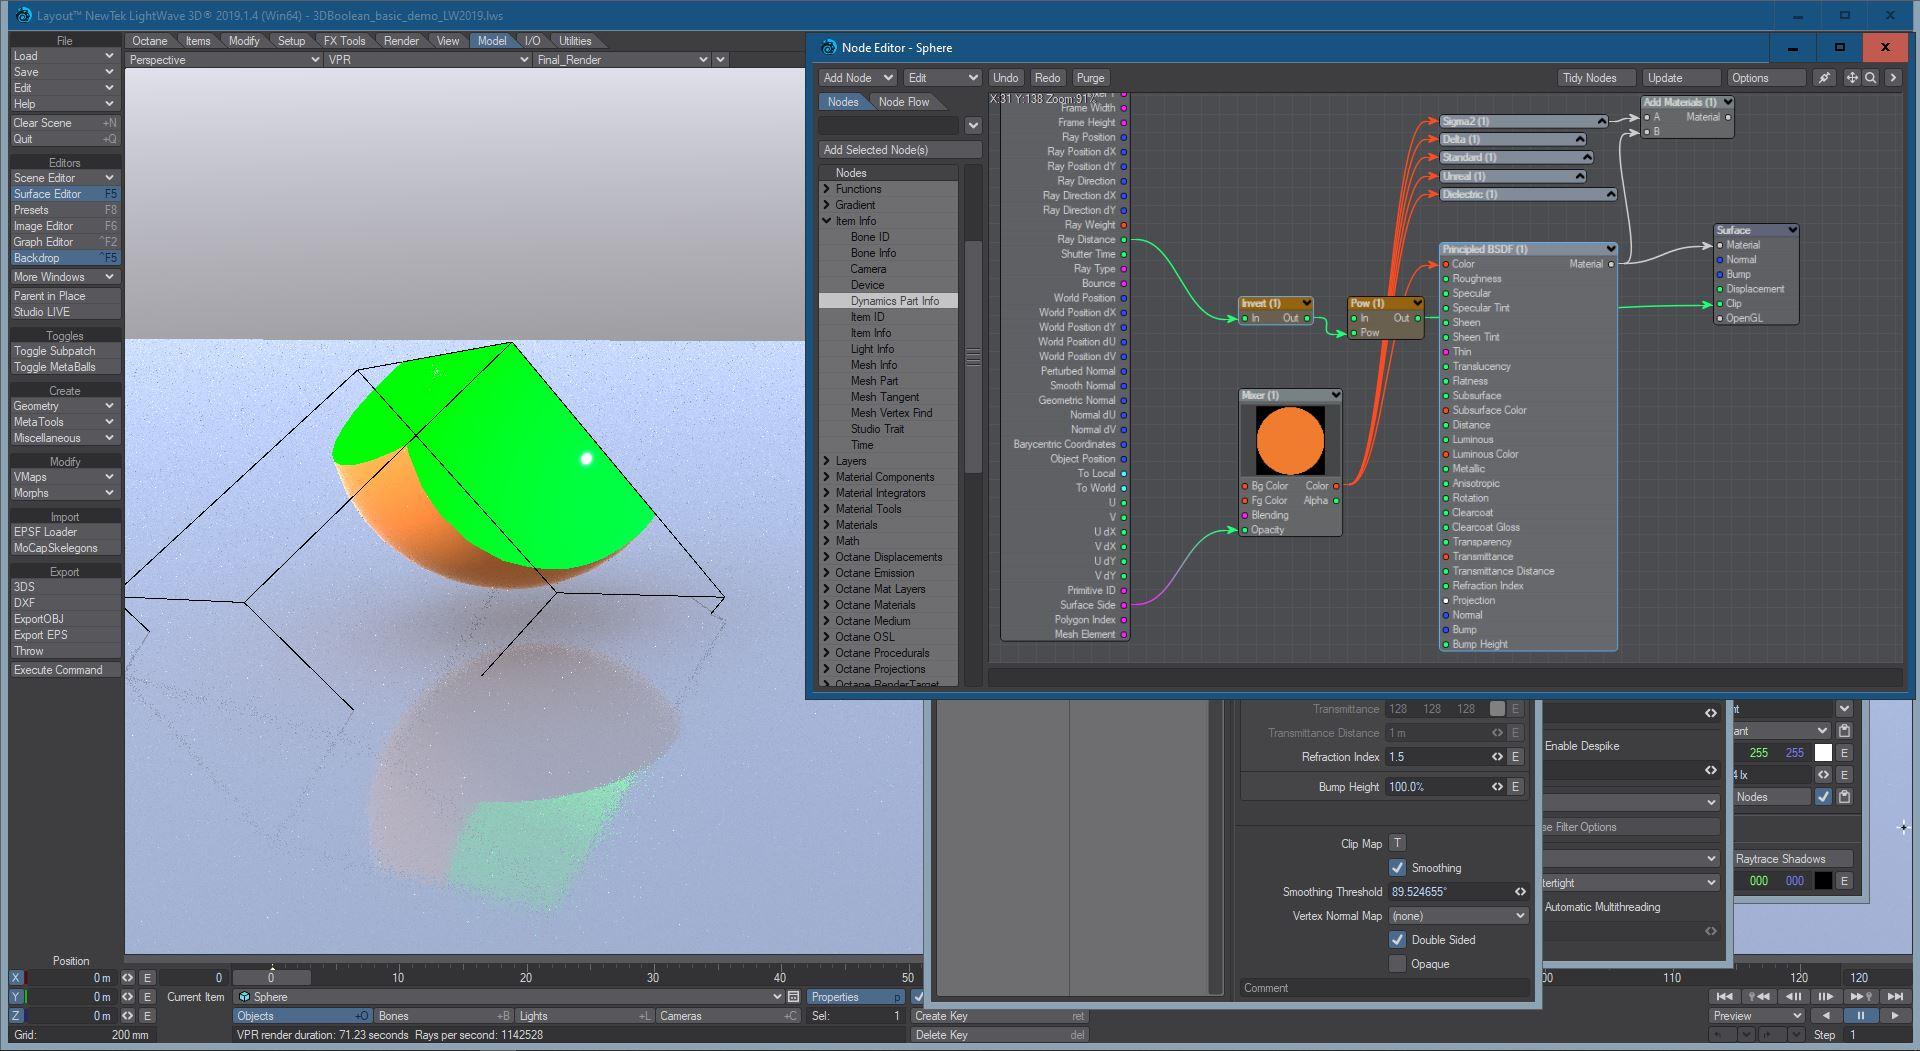 Nome: 2020-02-14 14_24_37-Layout™ NewTek LightWave 3D® 2019.1.4 (Win64) - 3DBoolean_basic_demo_LW2019..jpg Visite: 174 Dimensione: 262.1 KB